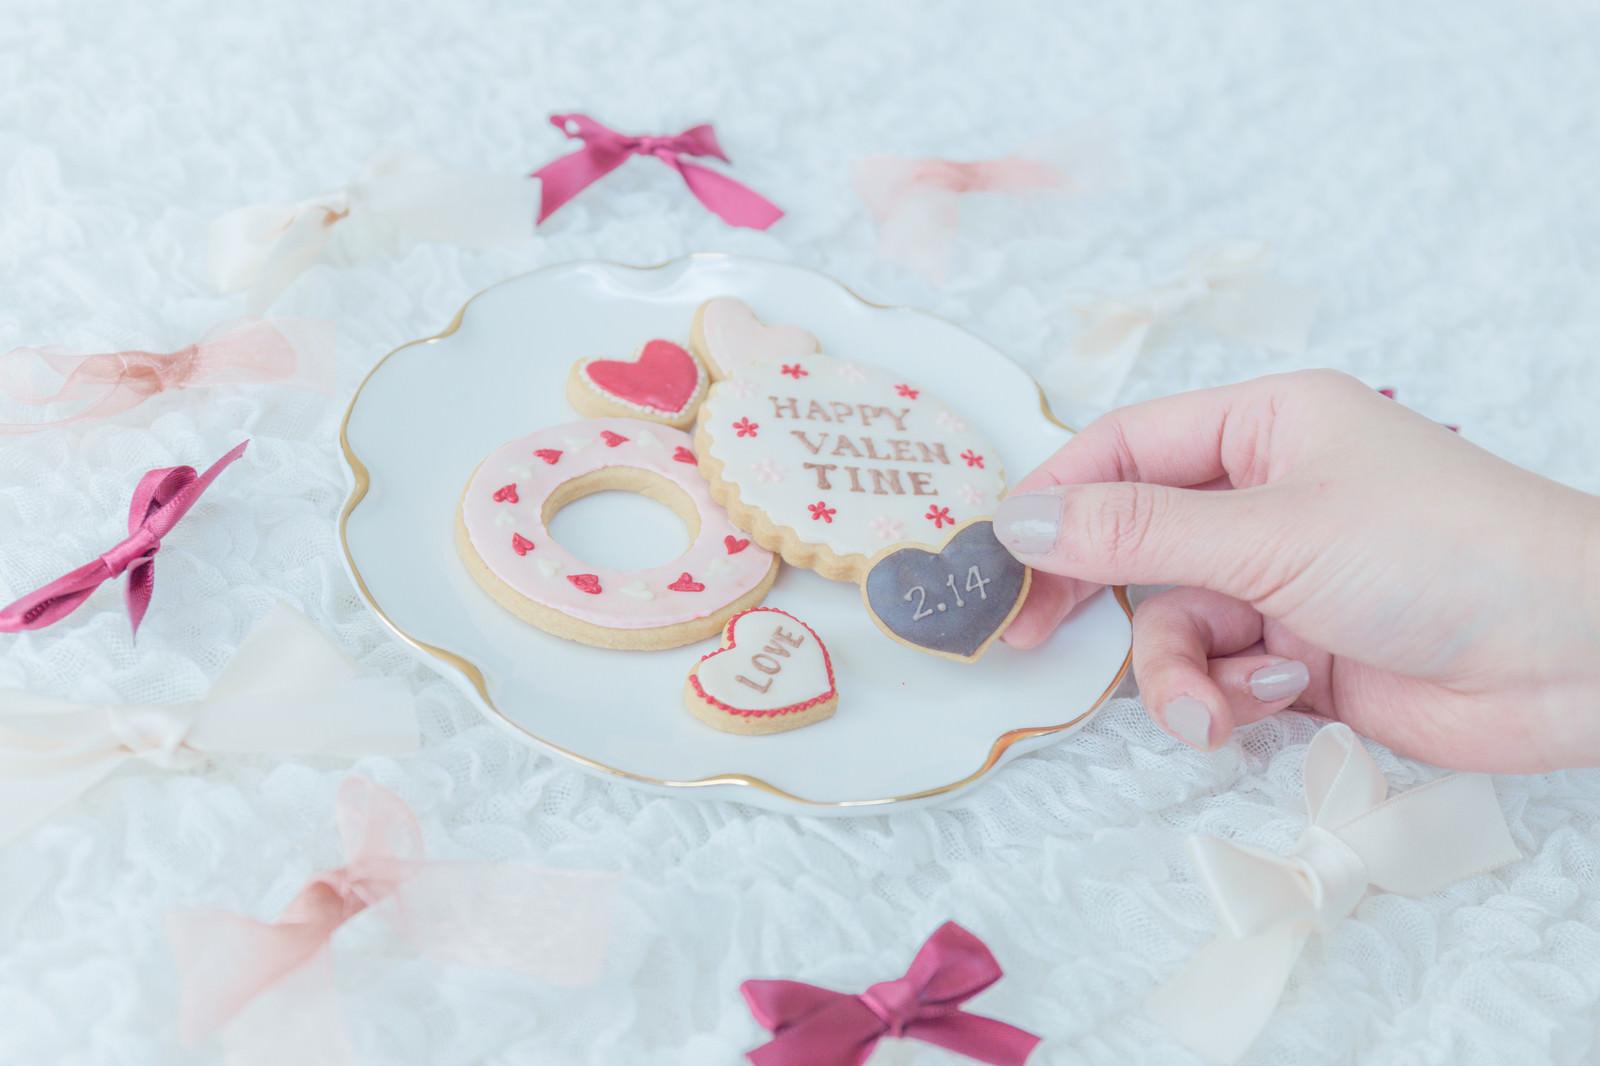 「2月14日はバレンタインデー」の写真